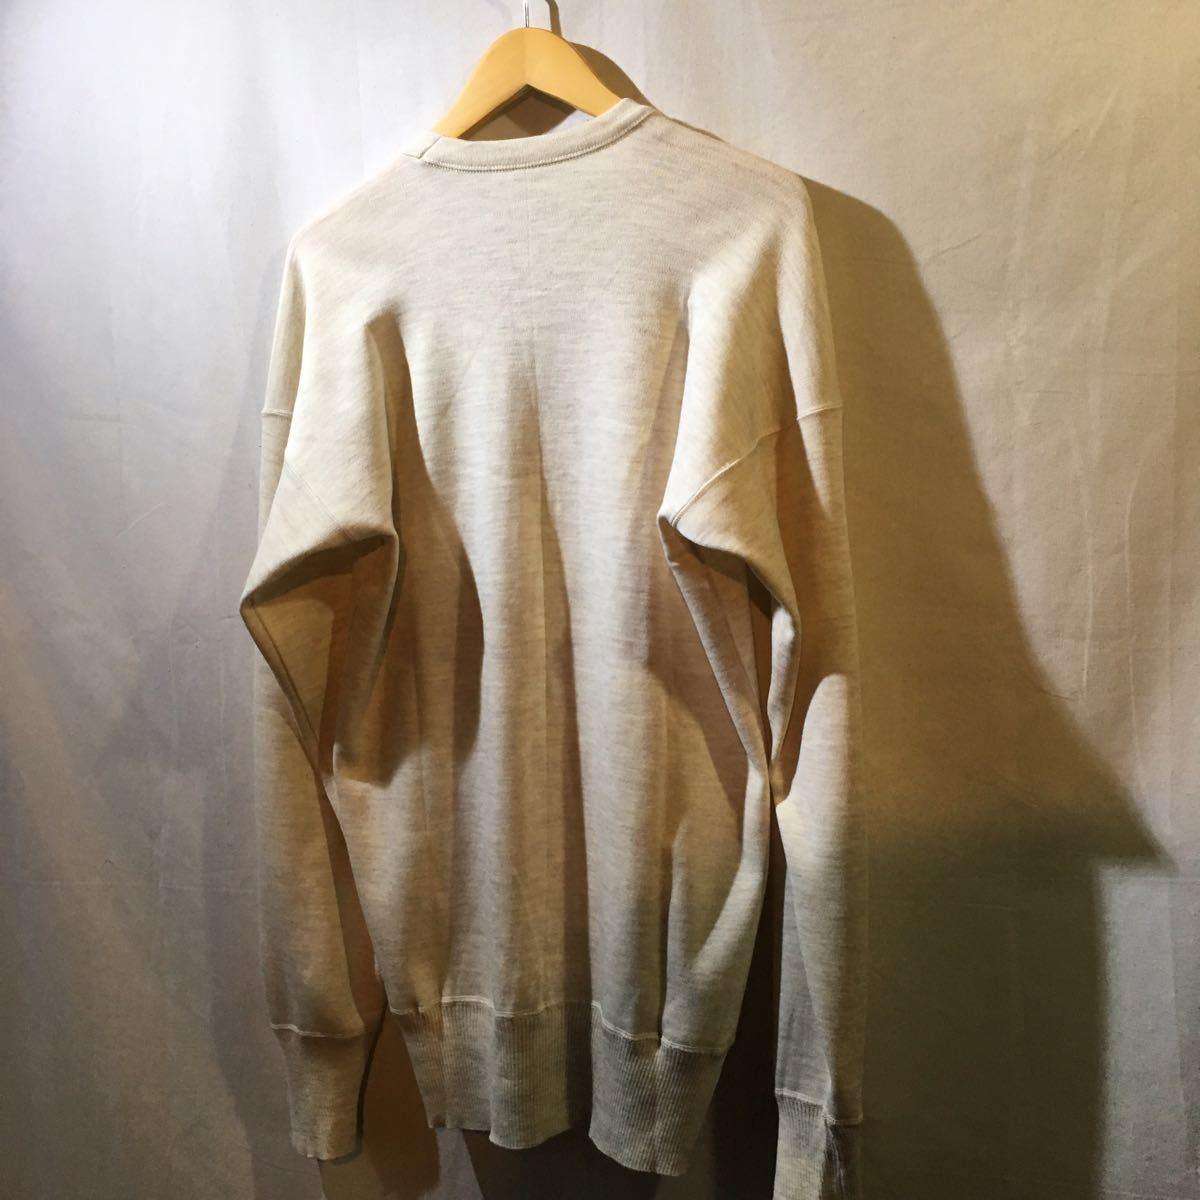 イタリア軍 1980's Dead Stock [Knit Sweater] セーター ニット ミリタリー ビンテージ フランス軍 イギリス軍 実物 ユーロ ヨーロッパ_画像8